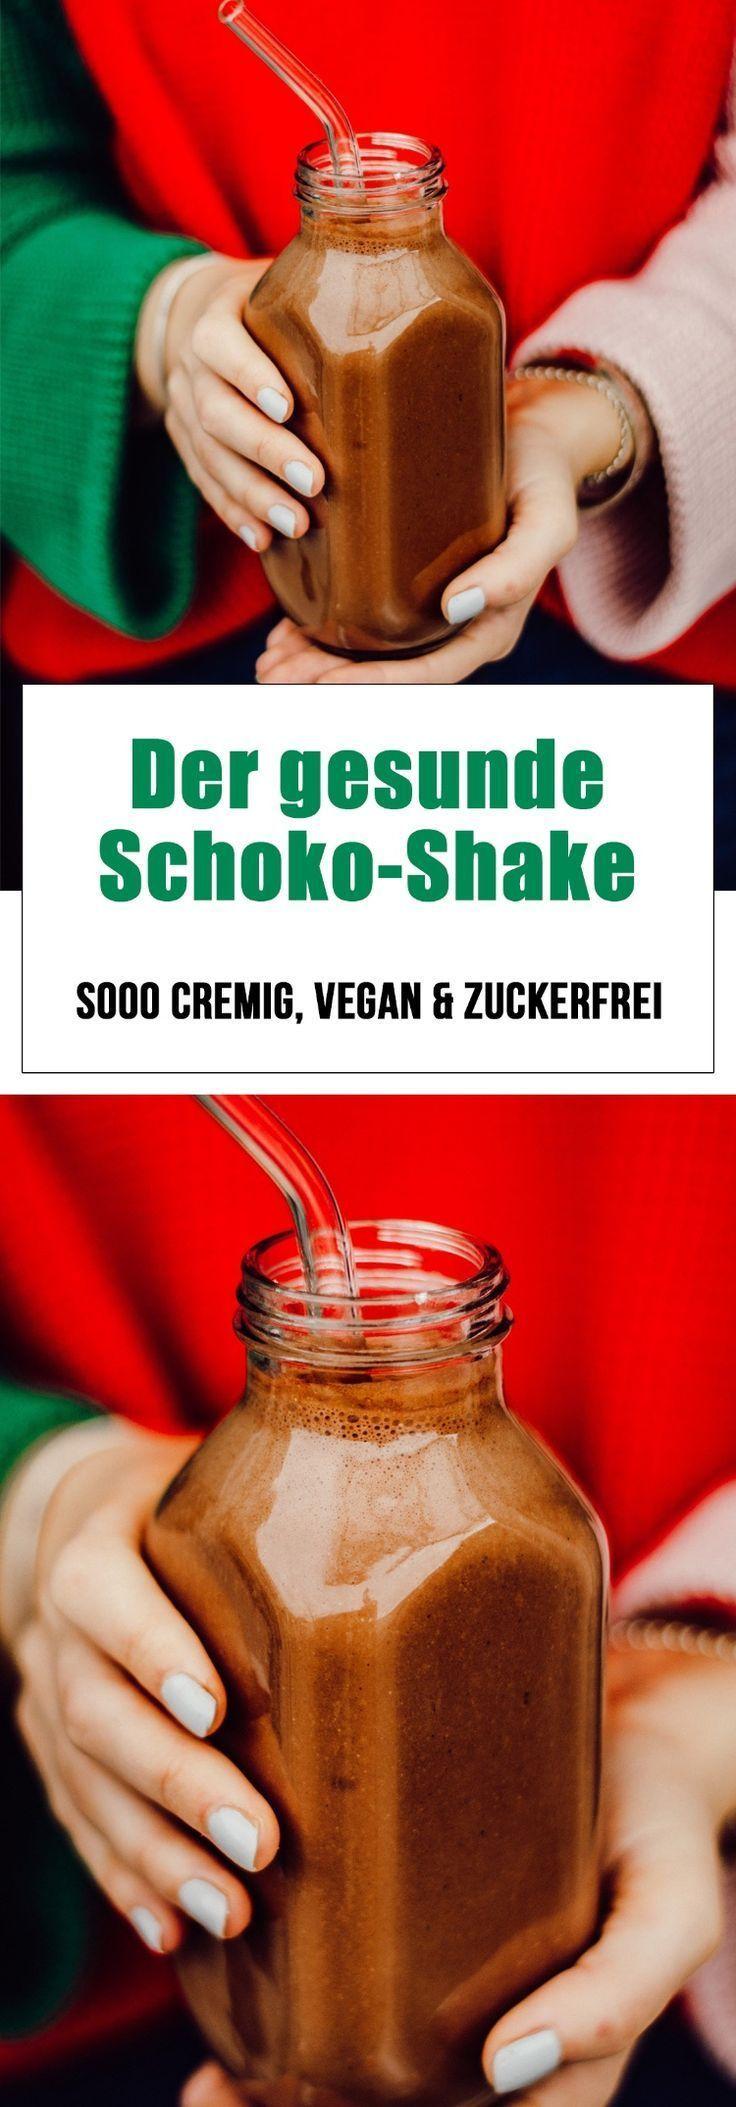 #bei #Der #Gesunde #Schokogelüsten #SchokoShake -   Gesunder Schoko-Shake. Super cremig, zuckerfrei und vegan! #healthychocolateshakes